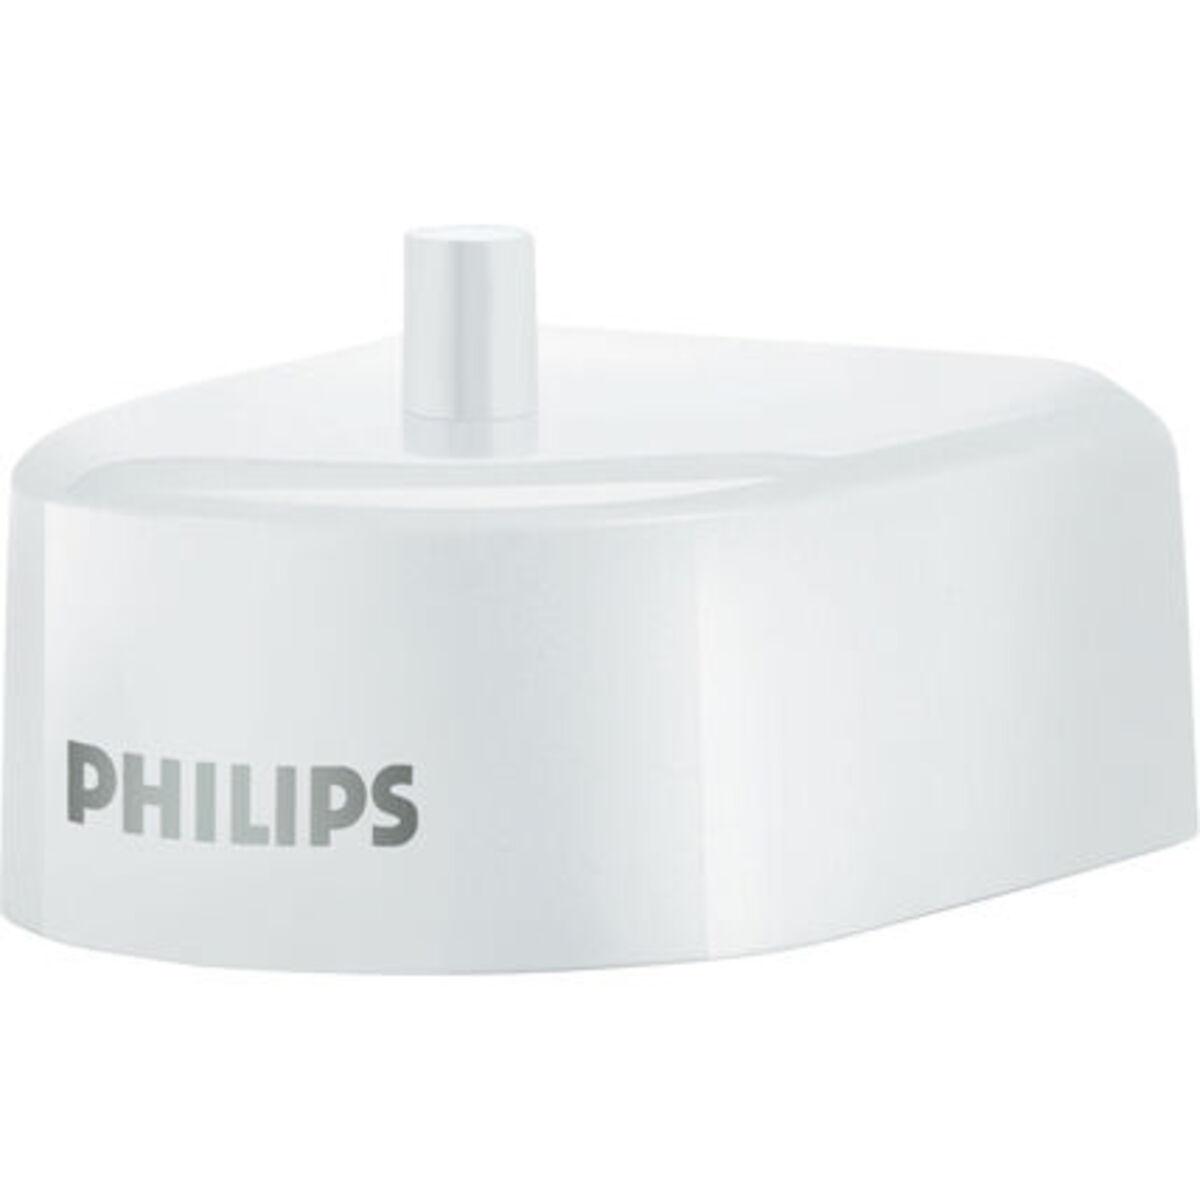 Bild 4 von Philips Elektrische Schallzahnbürste Sonicare EasyClean HX6512/02 inkl. 2. Handstücke